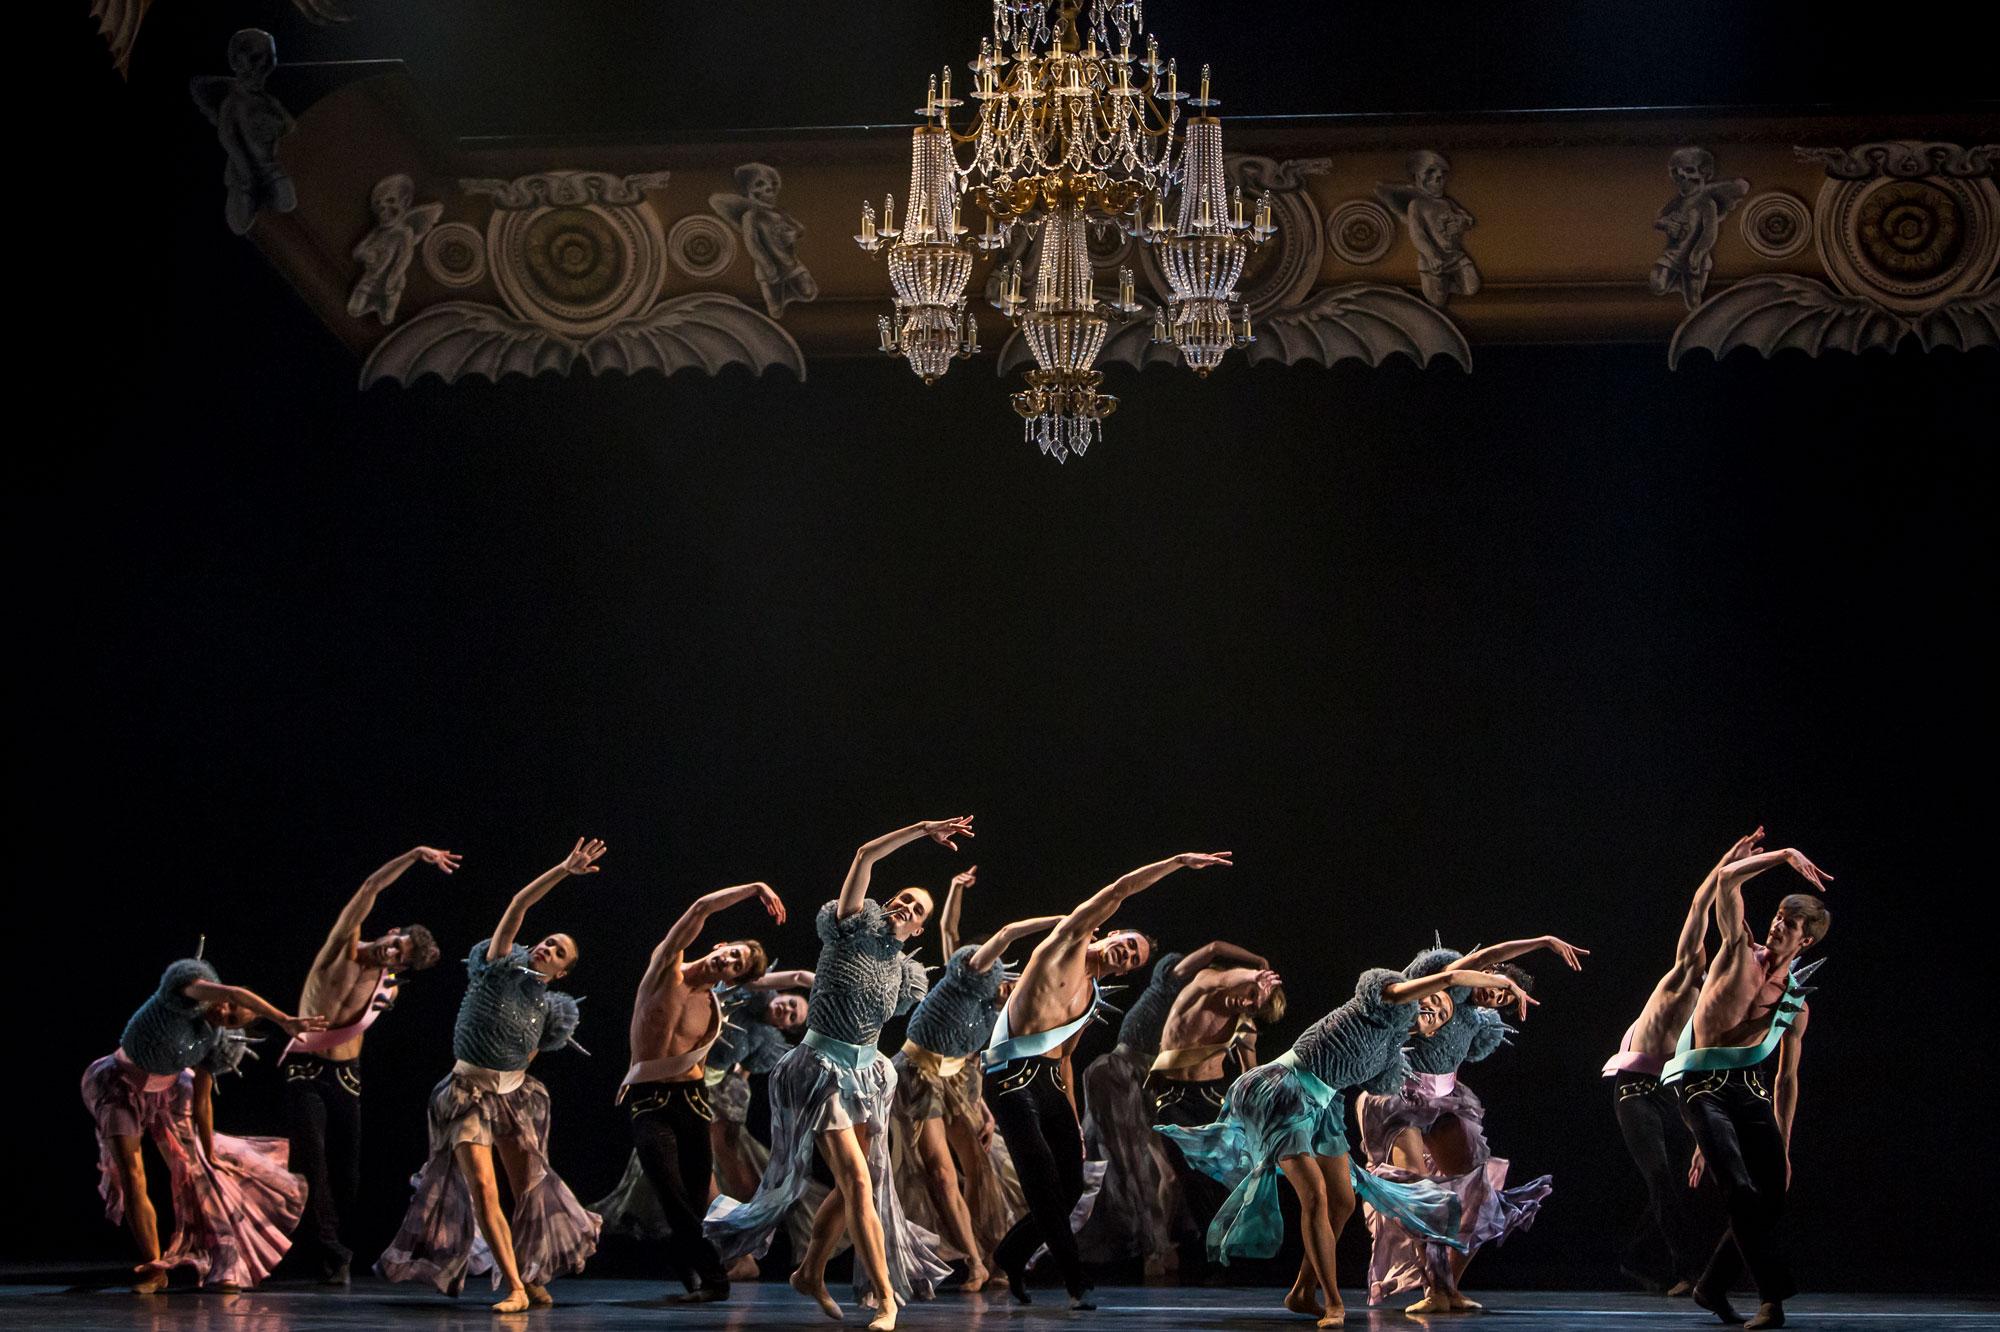 Ballet du Grand Théâtre de Genève, Casse-Noisette de Piotr Illitch Tchaïkovski, novembre 2014. Chorégraphie : Jeroen Verbruggen.